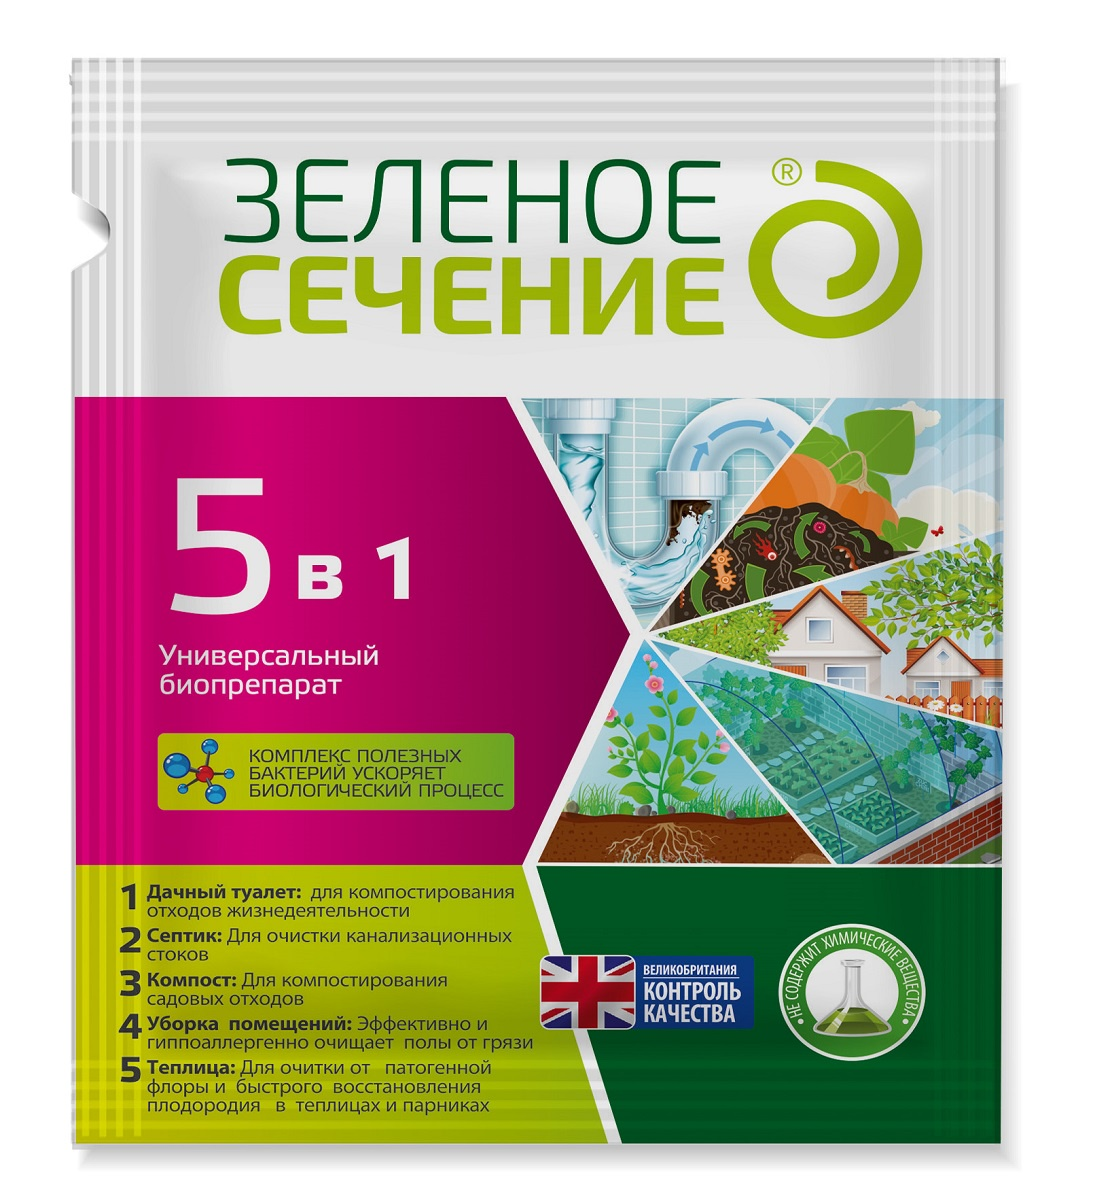 Удобрение Зеленое сечение Универсальный биопрепарат 5 в 1 50г (теплицы, уборка помещений, компост, септик, дачный туалет)